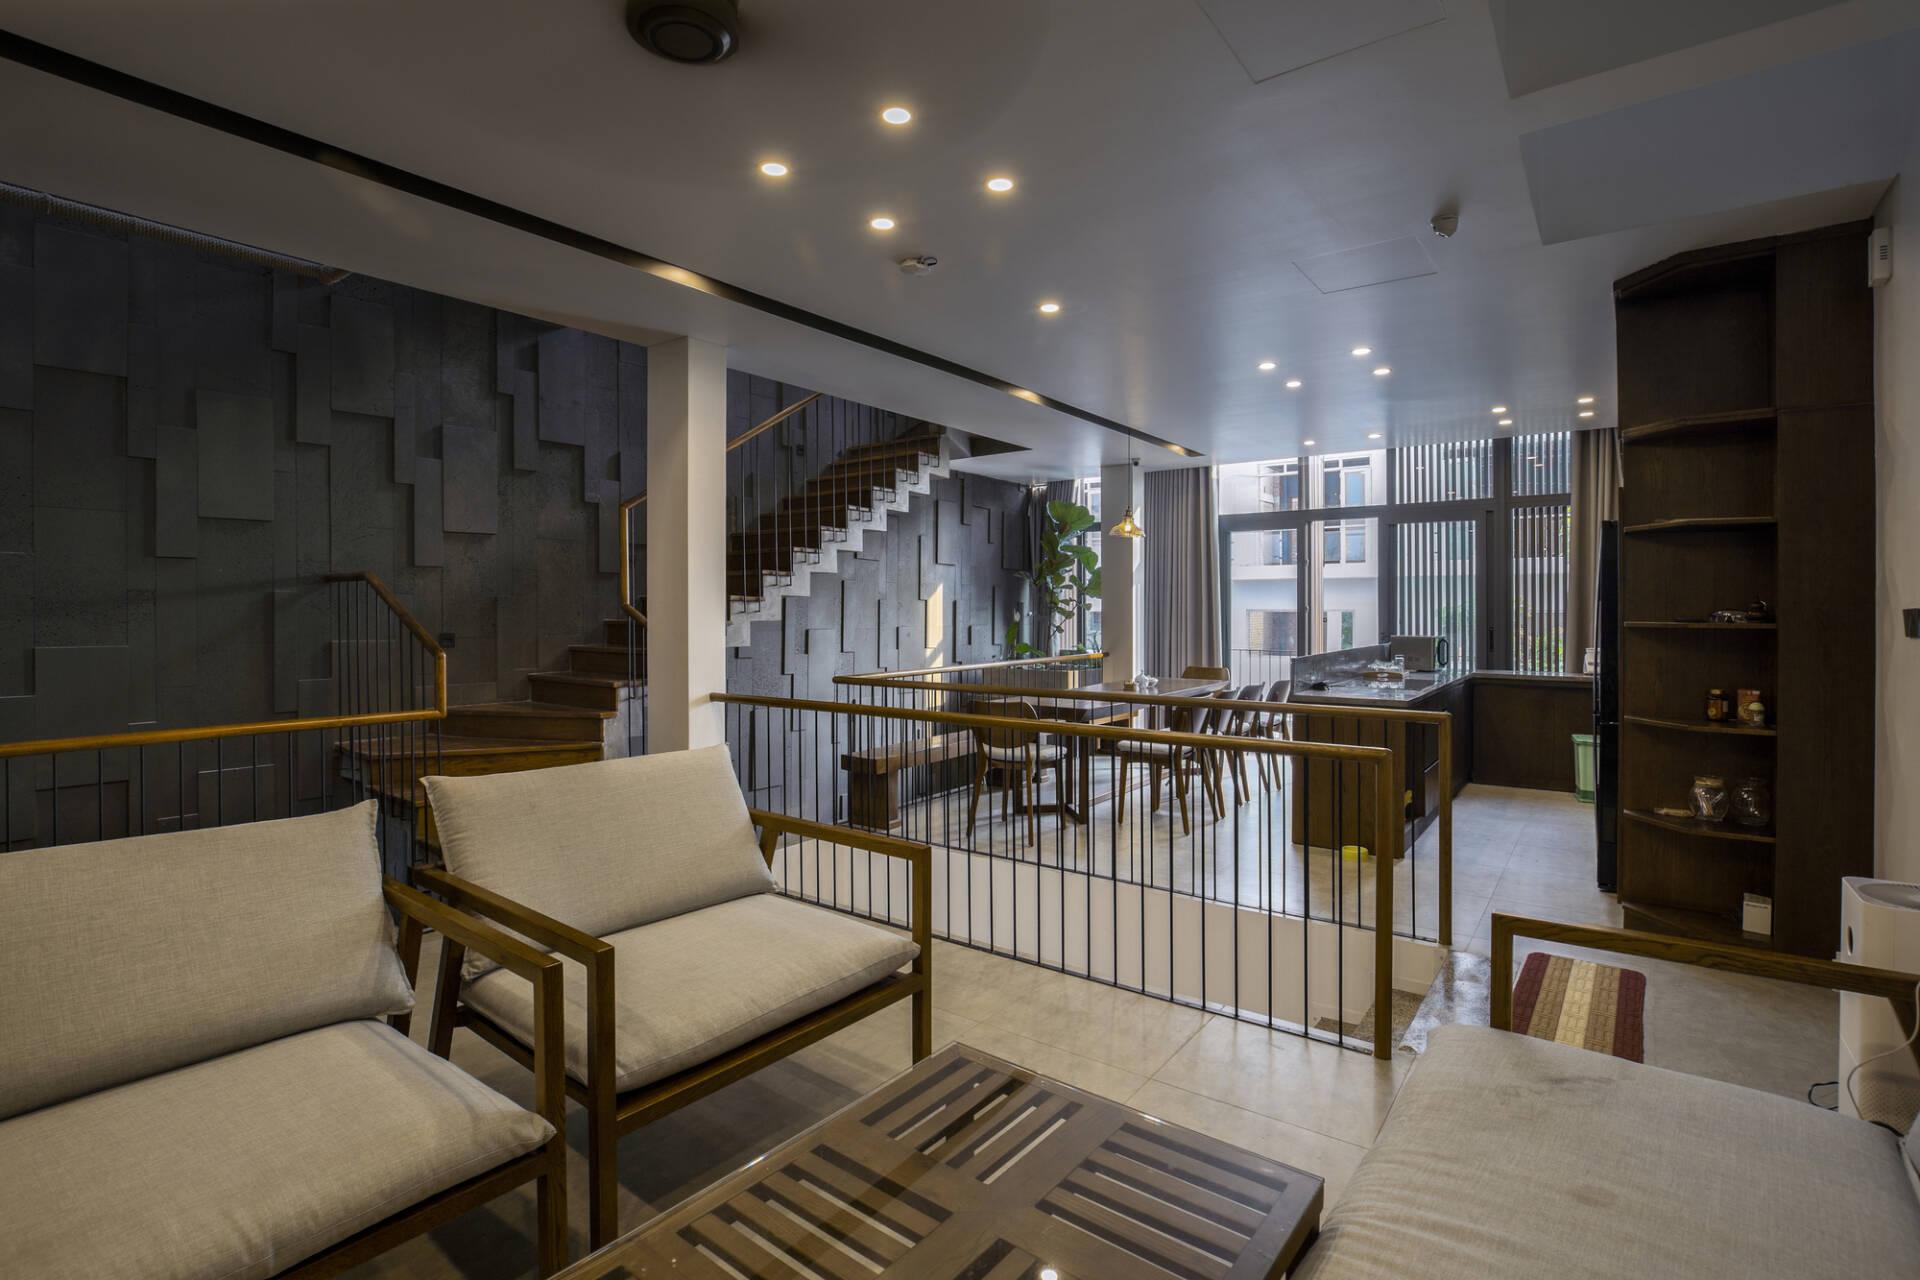 Tầng 2 là không gian của phòng khách, phòng bếp và bàn ăn - nơi các thành viên trong gia đình dành nhiều thời gian cho nhau nhất